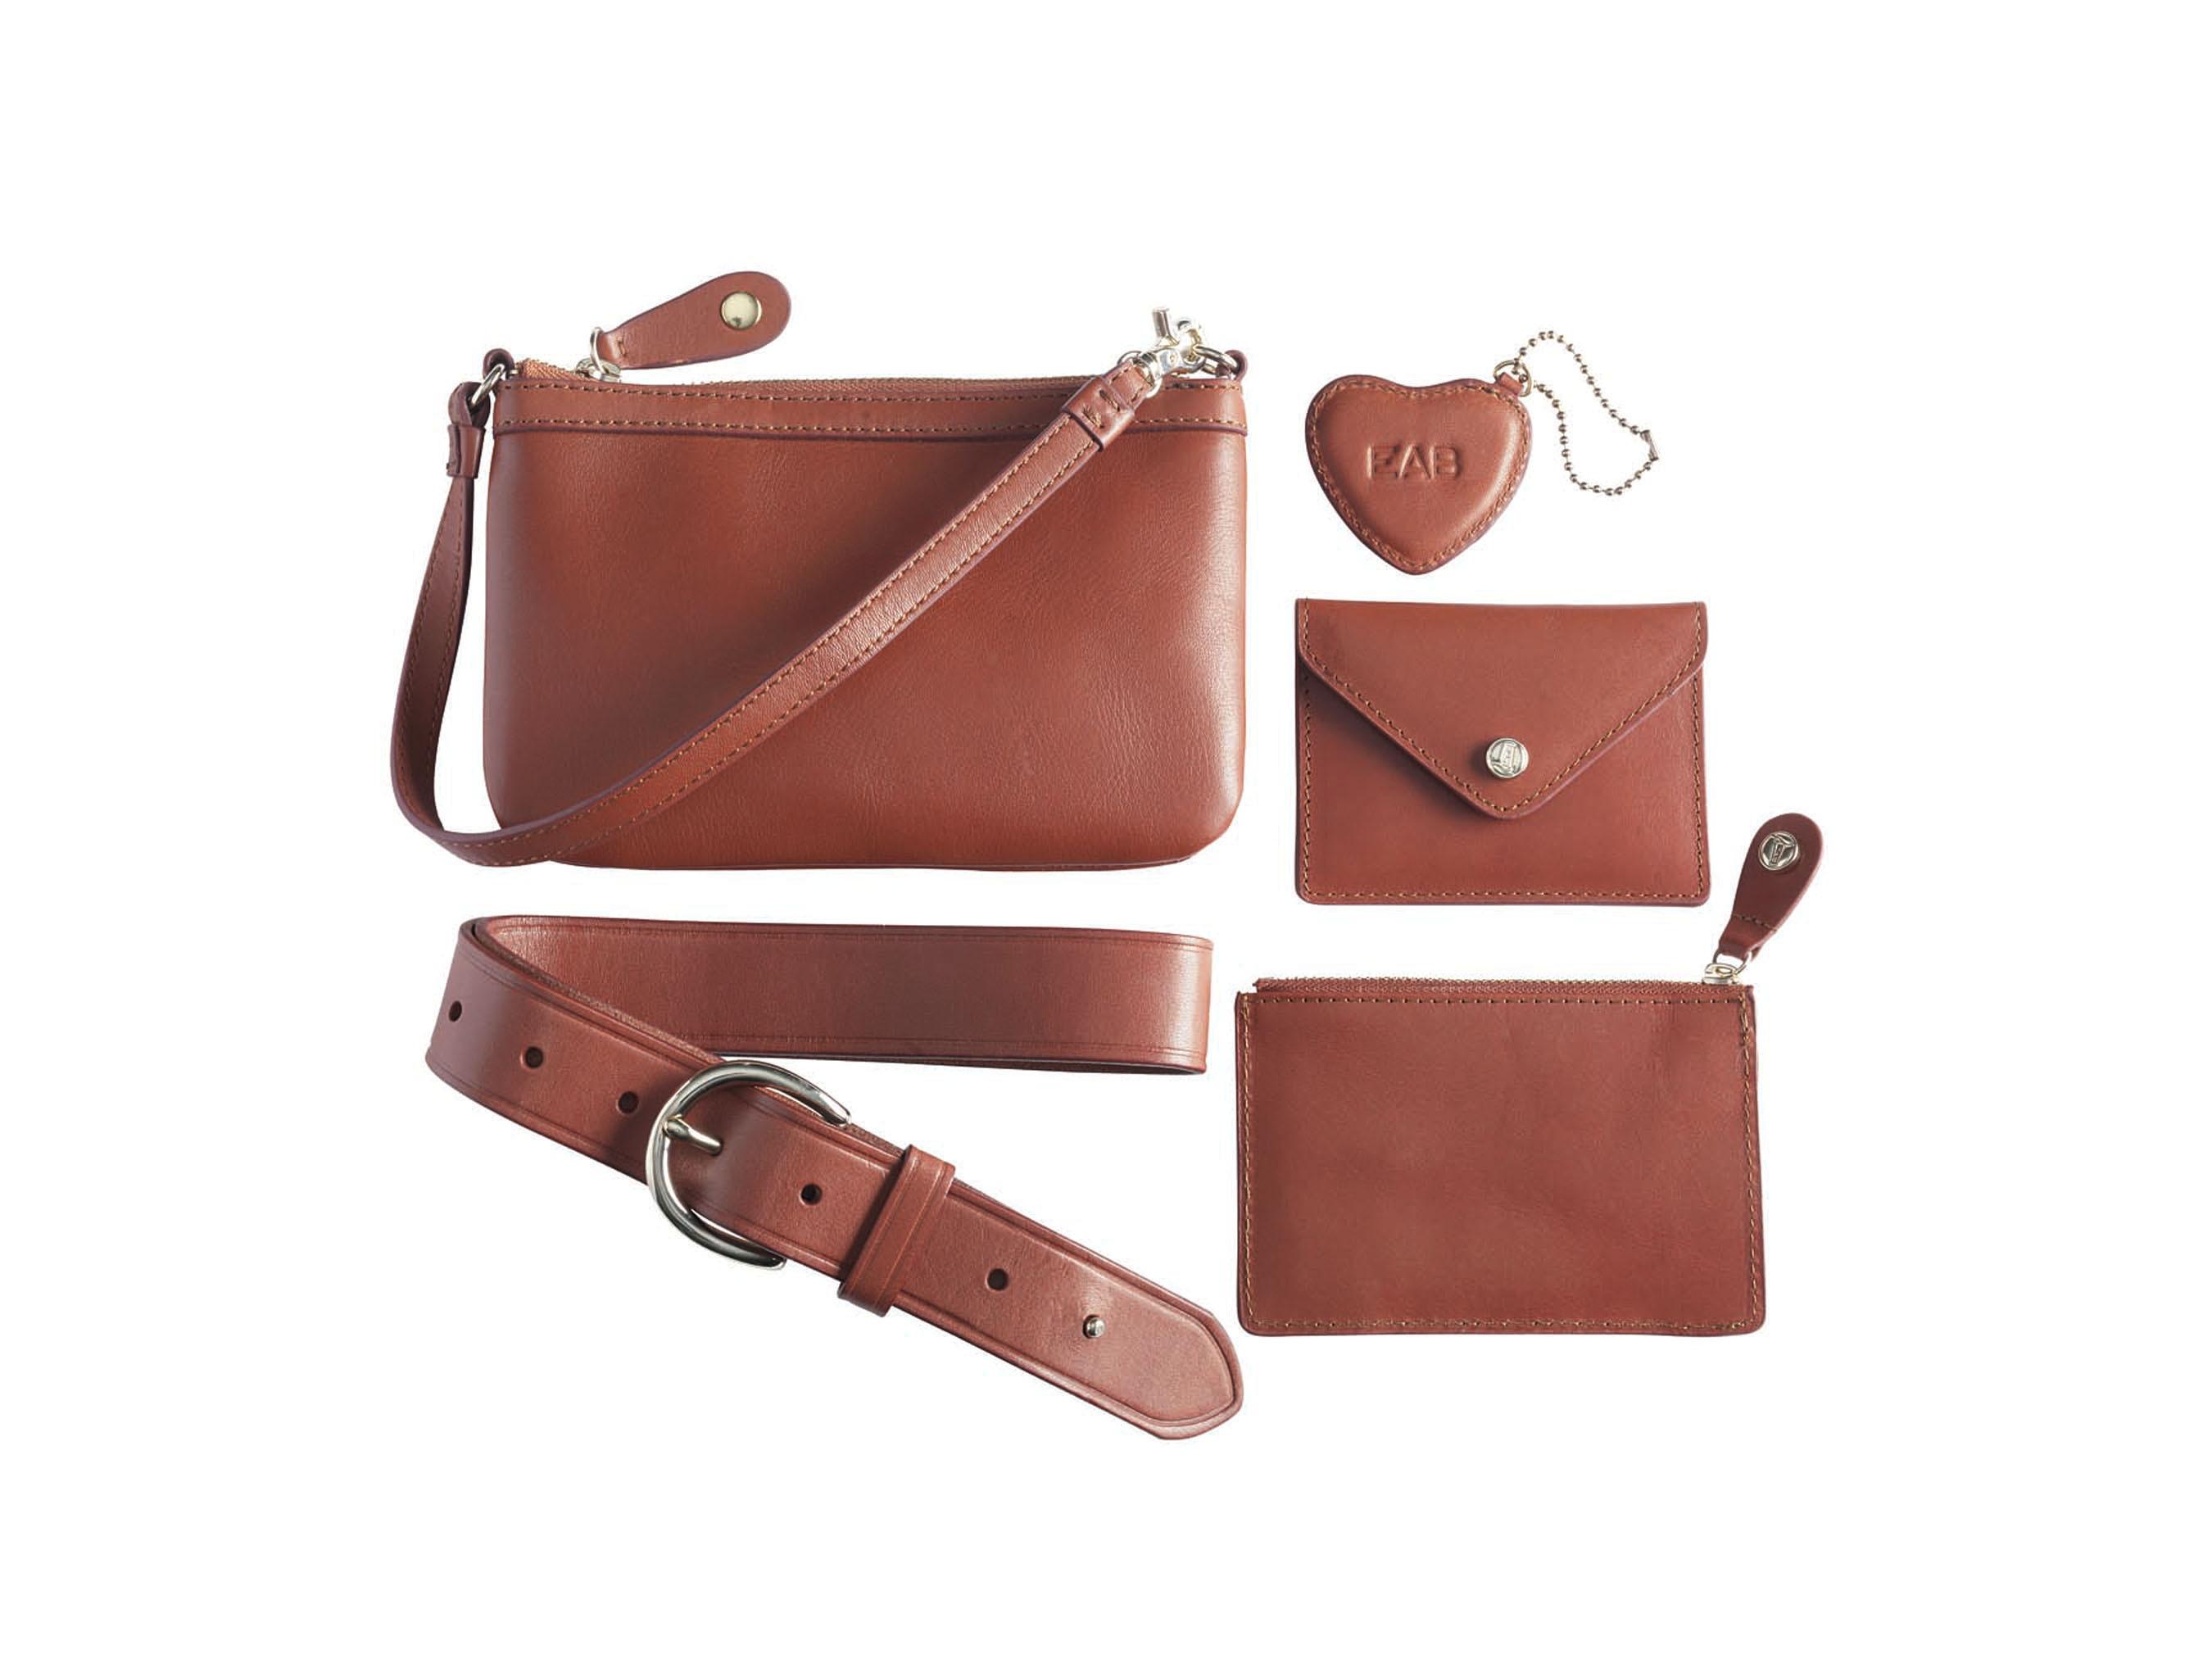 Lands' End Introduces Premium Leather Accessories Collection.  (PRNewsFoto/Lands' End)